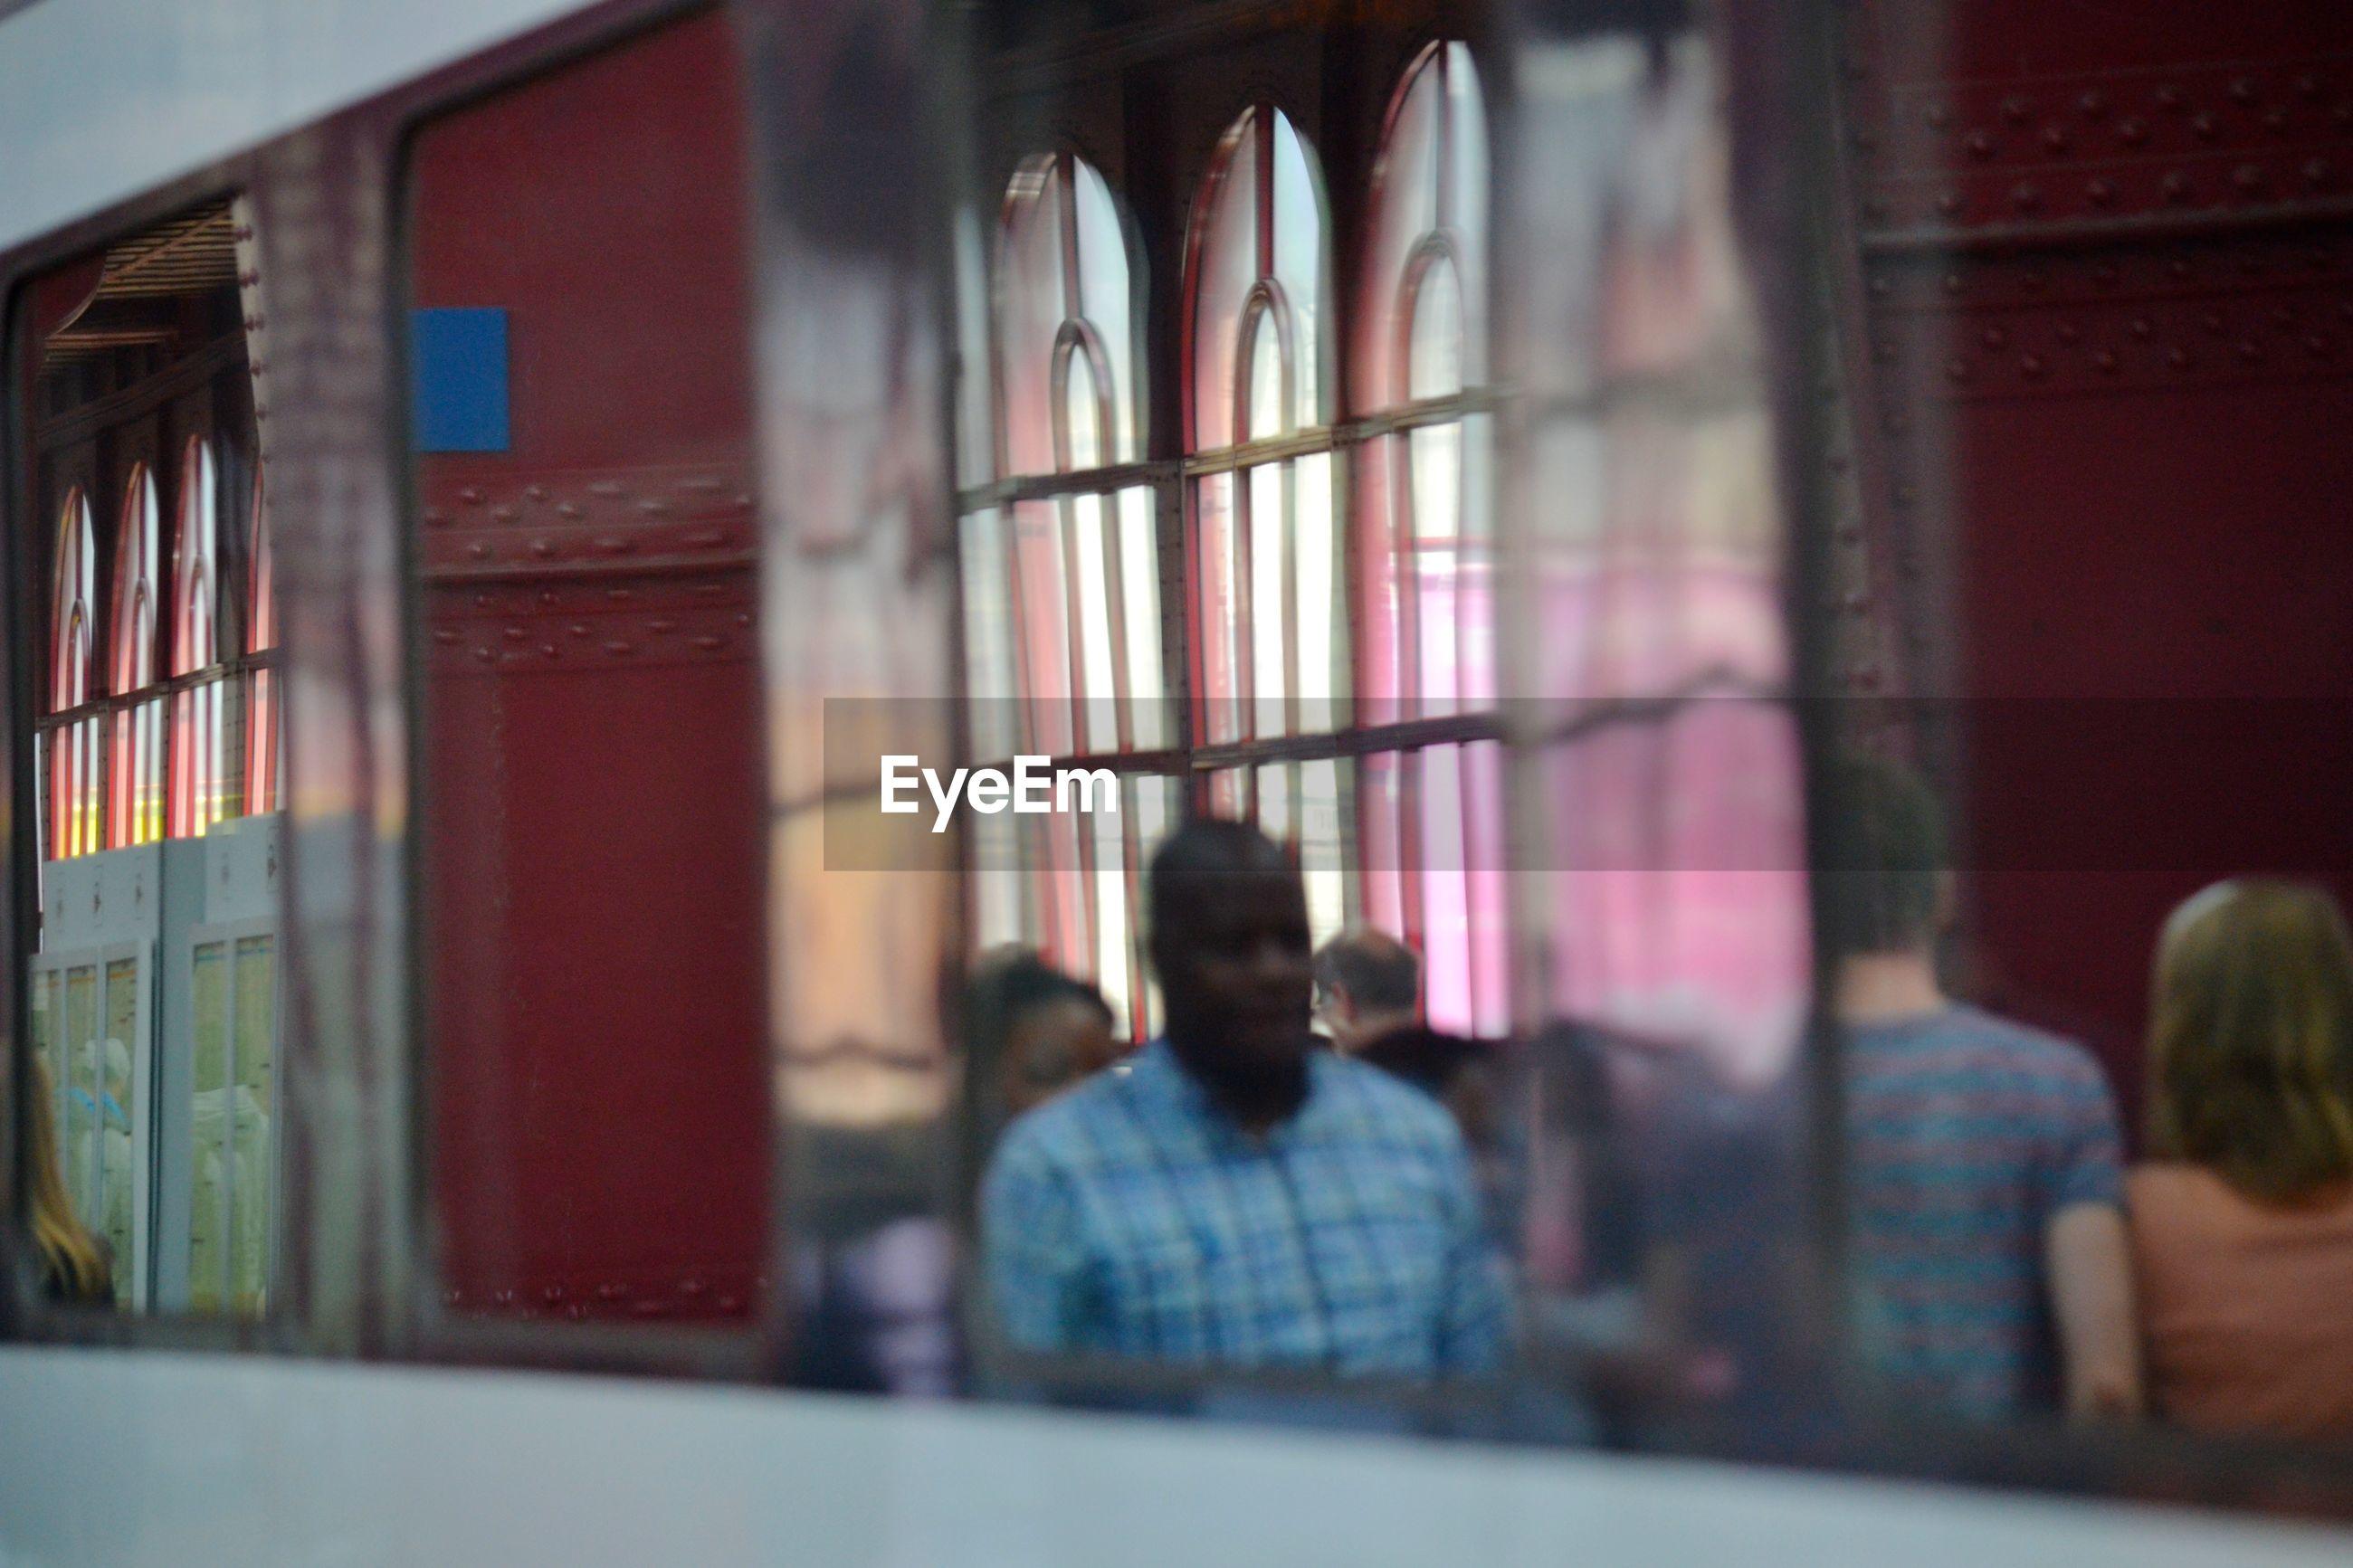 People walking in corridor seen through window